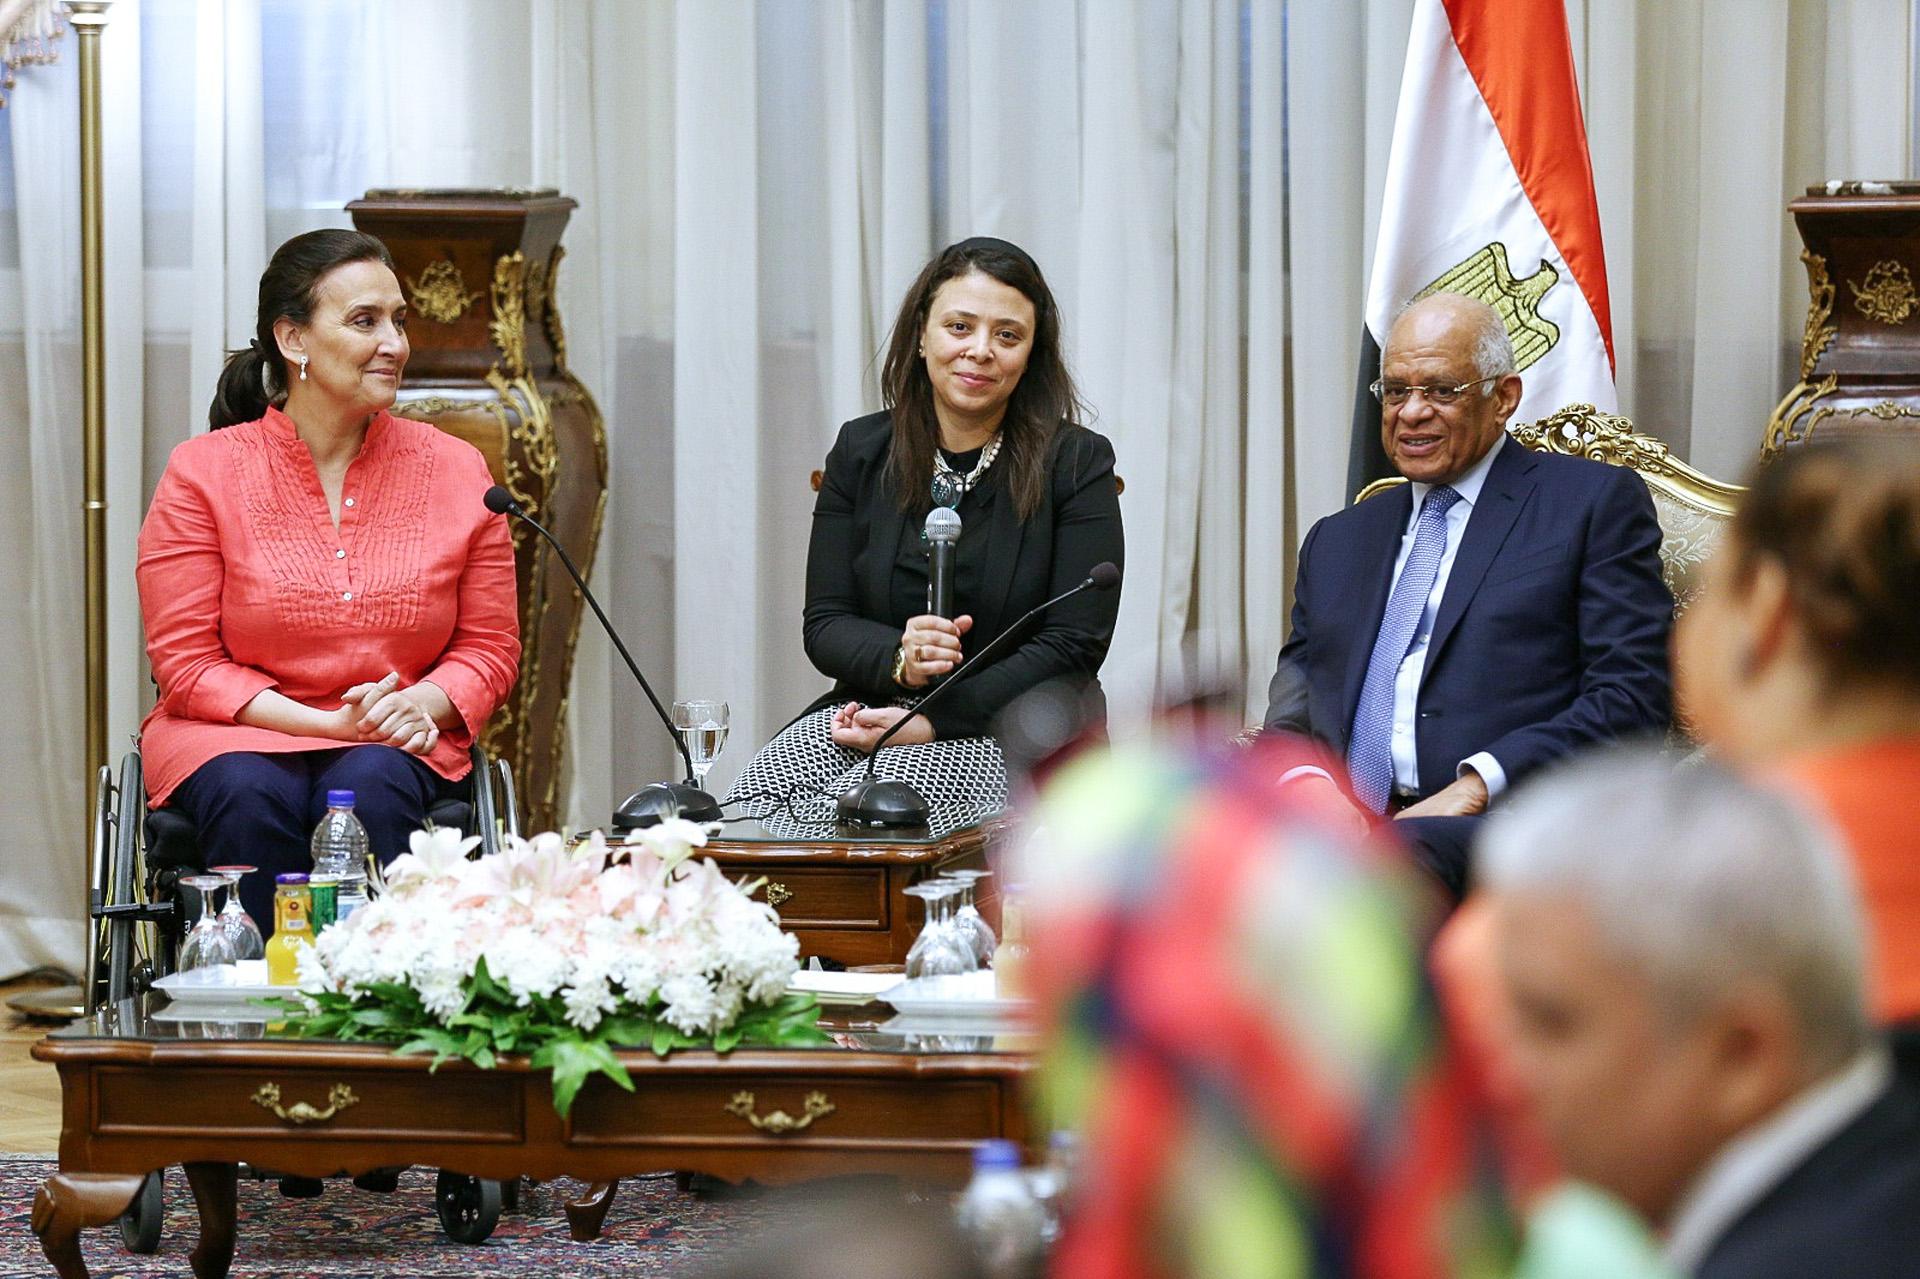 En el marco de la misión oficial a Egipto, la vicepresidenta de la Nación, Gabriela Michetti, fue recibida en el Parlamento por su presidente, Ali Abdel Aal